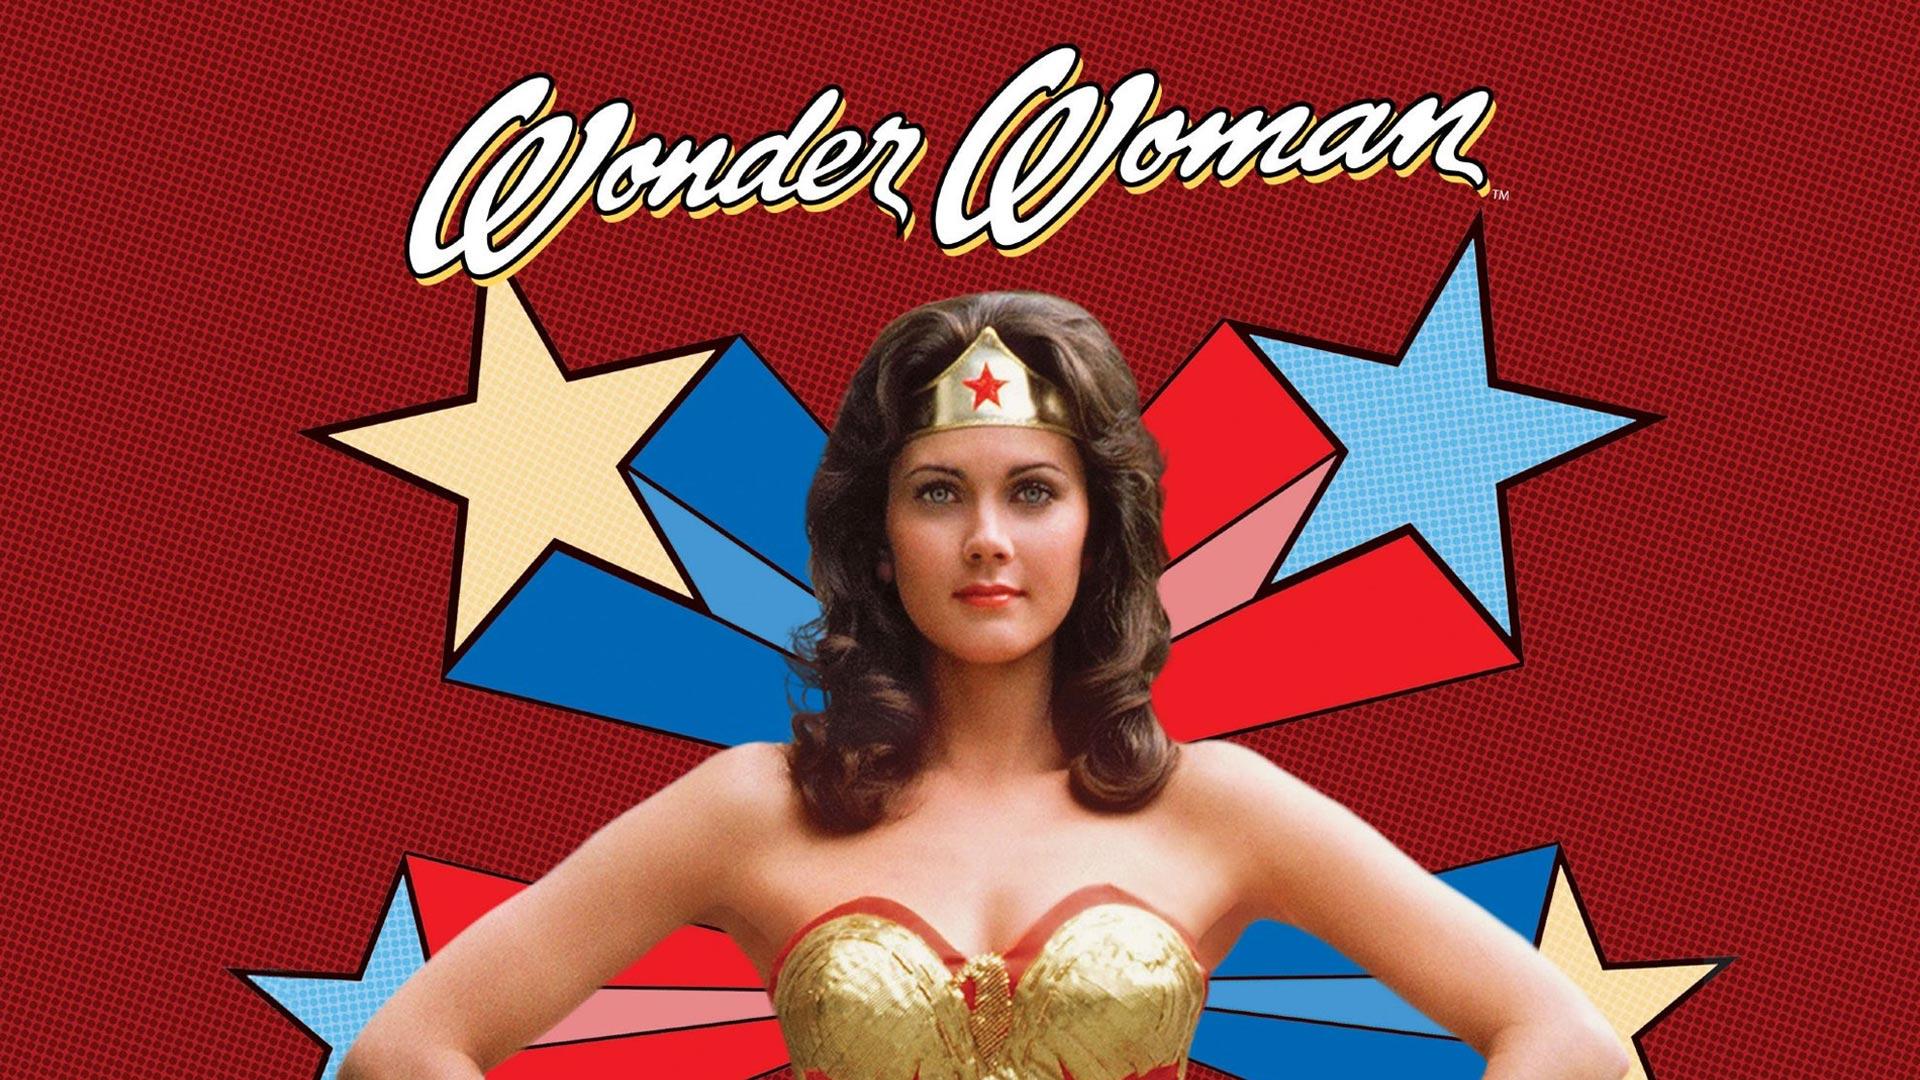 Wonder Woman Season 1